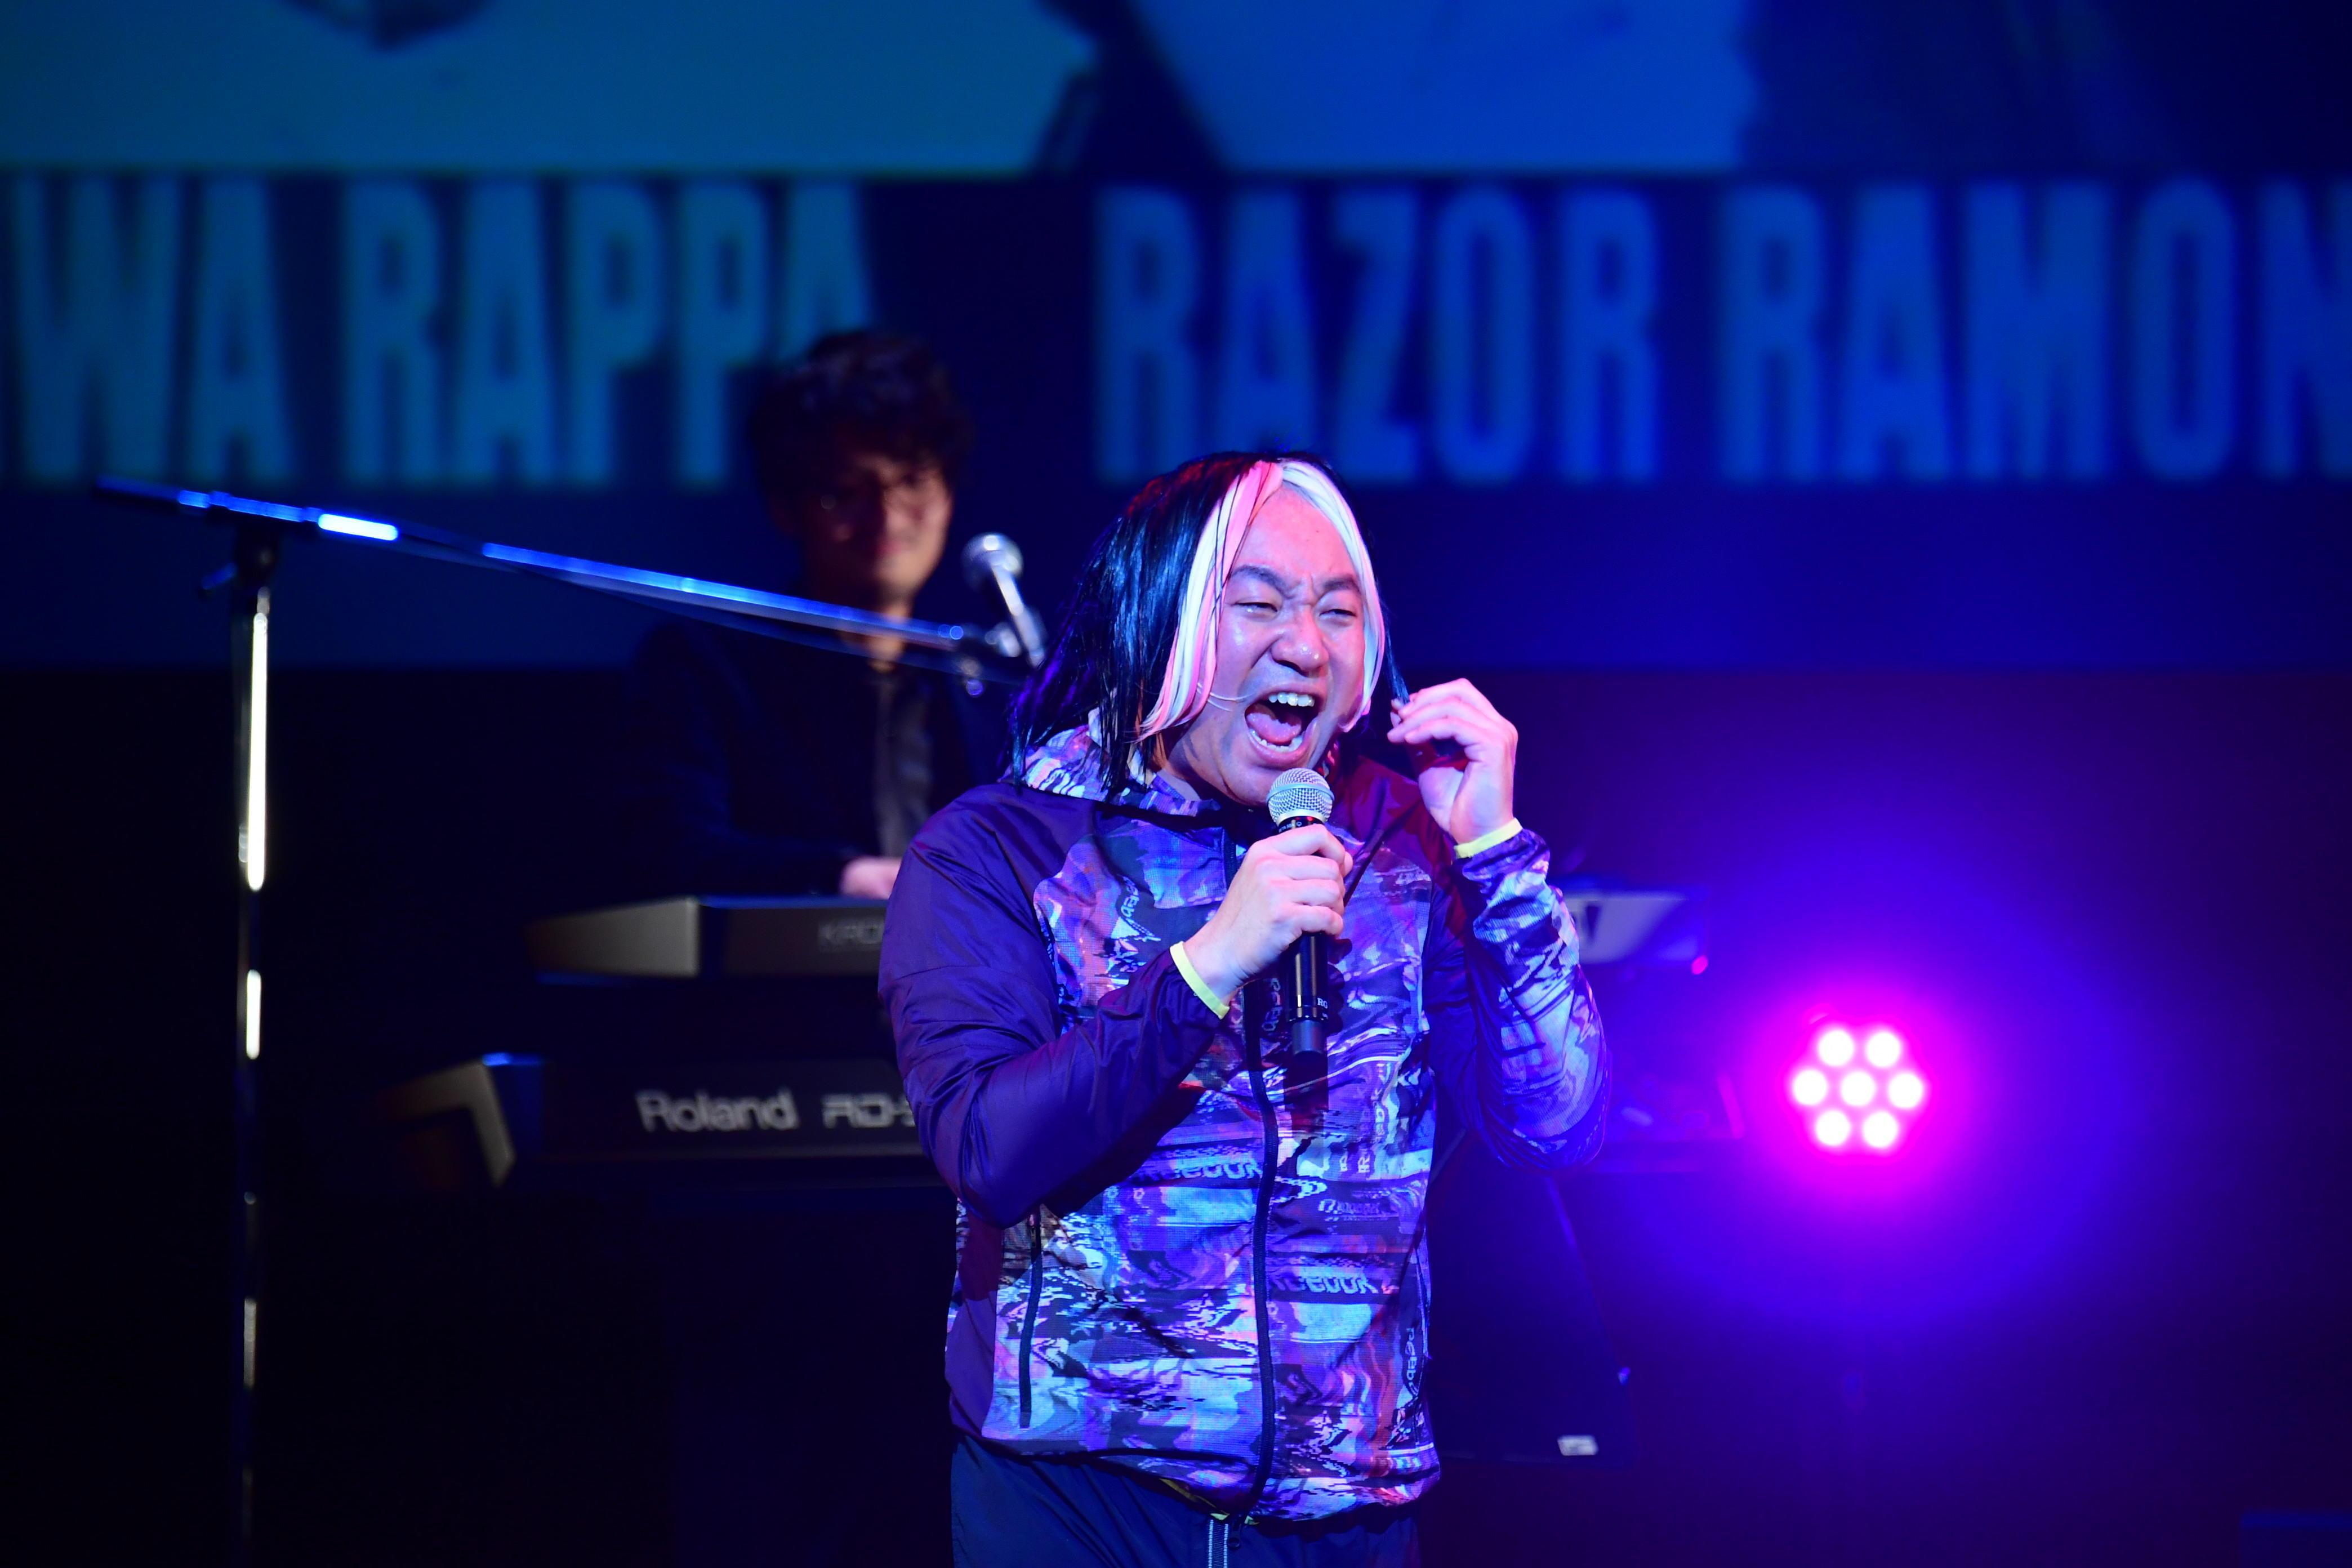 http://news.yoshimoto.co.jp/20190101134937-97ffa2081ab98315d29c94b643ae186ff0b346a6.jpg